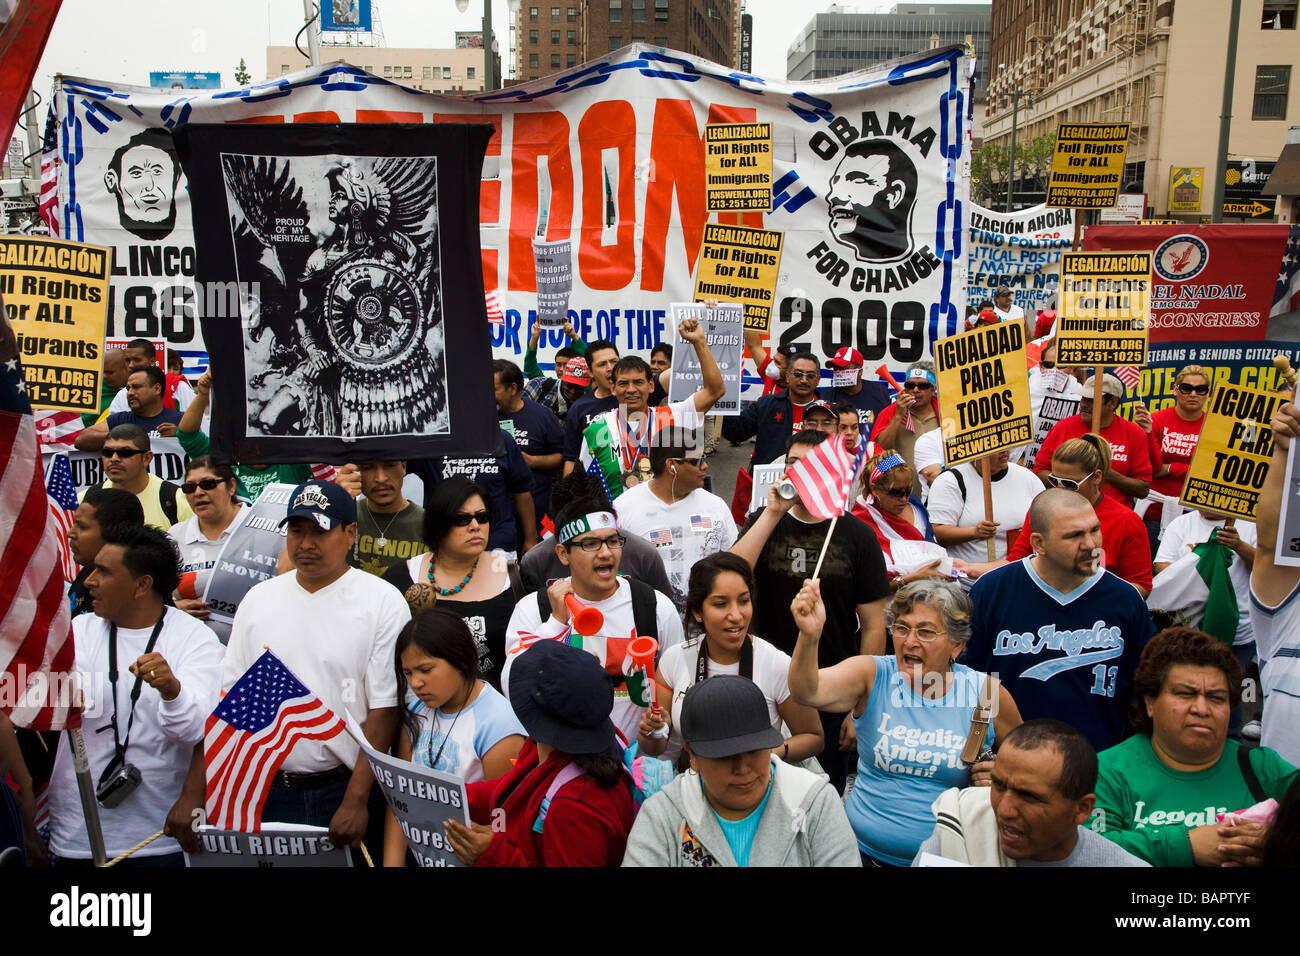 Maifeiertag Protest 1. Mai 2009 bei Olympic Blvd und Broadway Los Angeles California Vereinigte Staaten von Amerika Stockbild